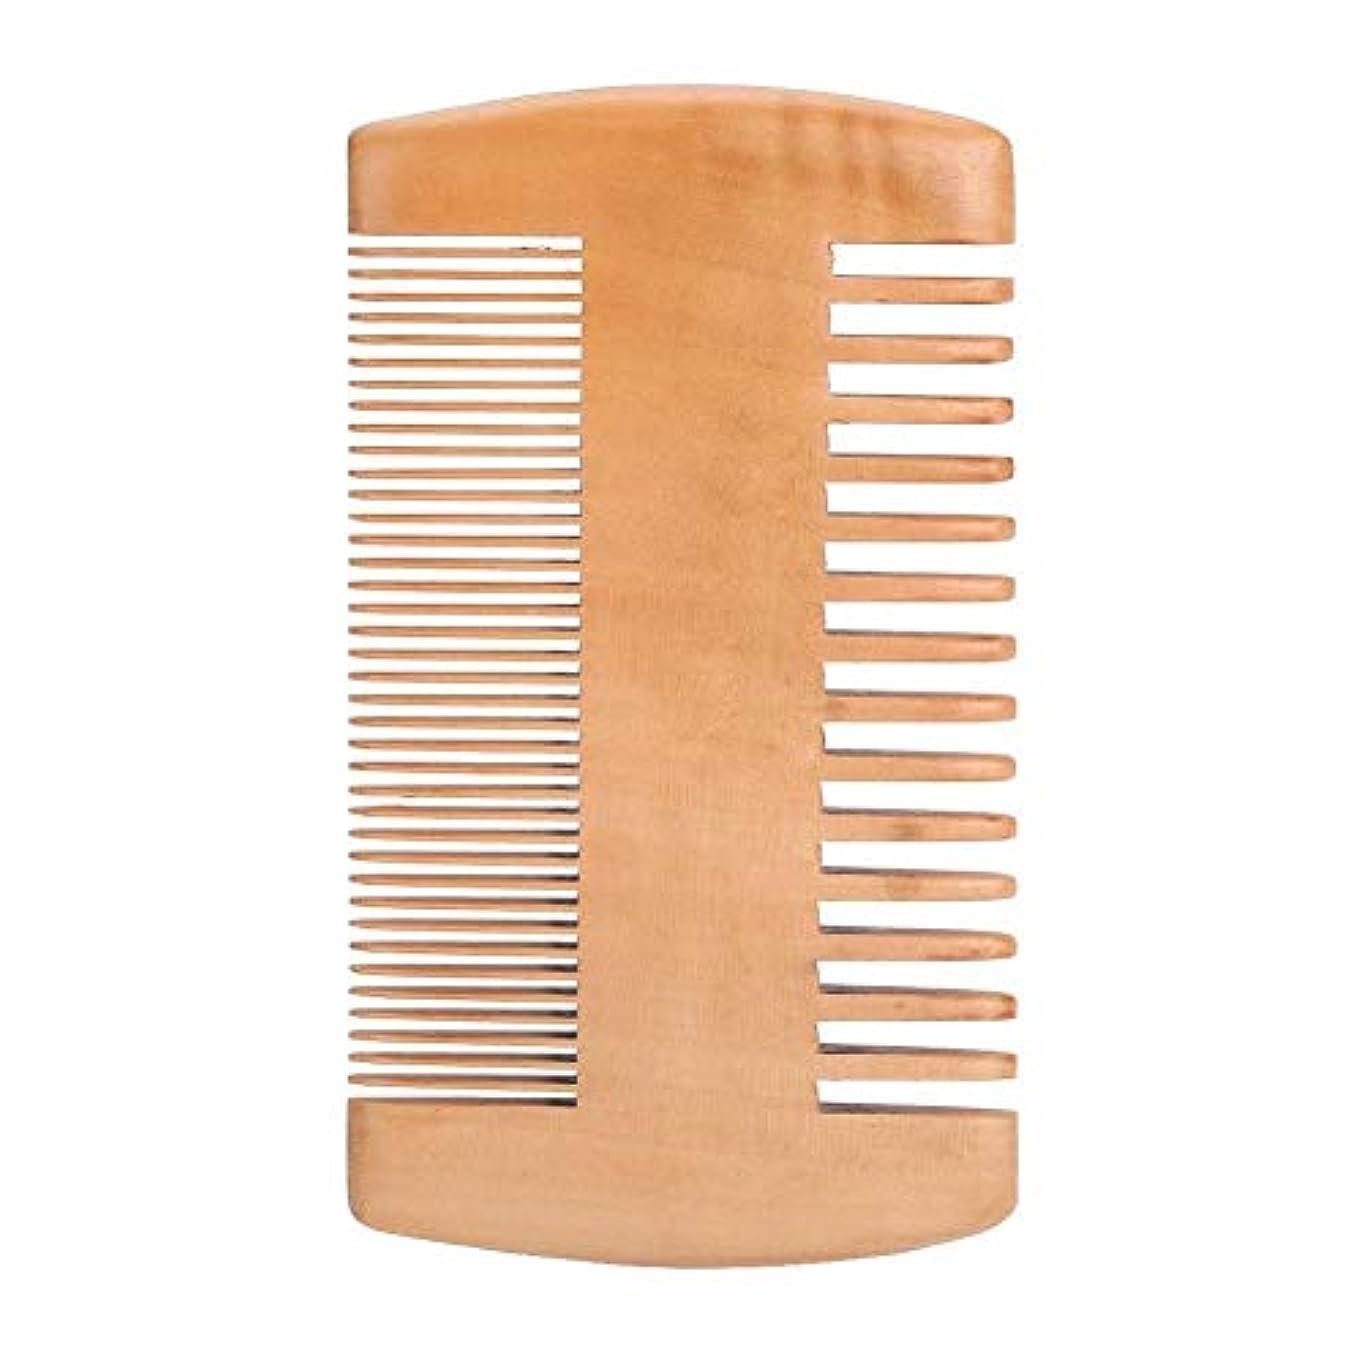 祖先小さなコミュニケーション木製の抗静的ひげポケット櫛